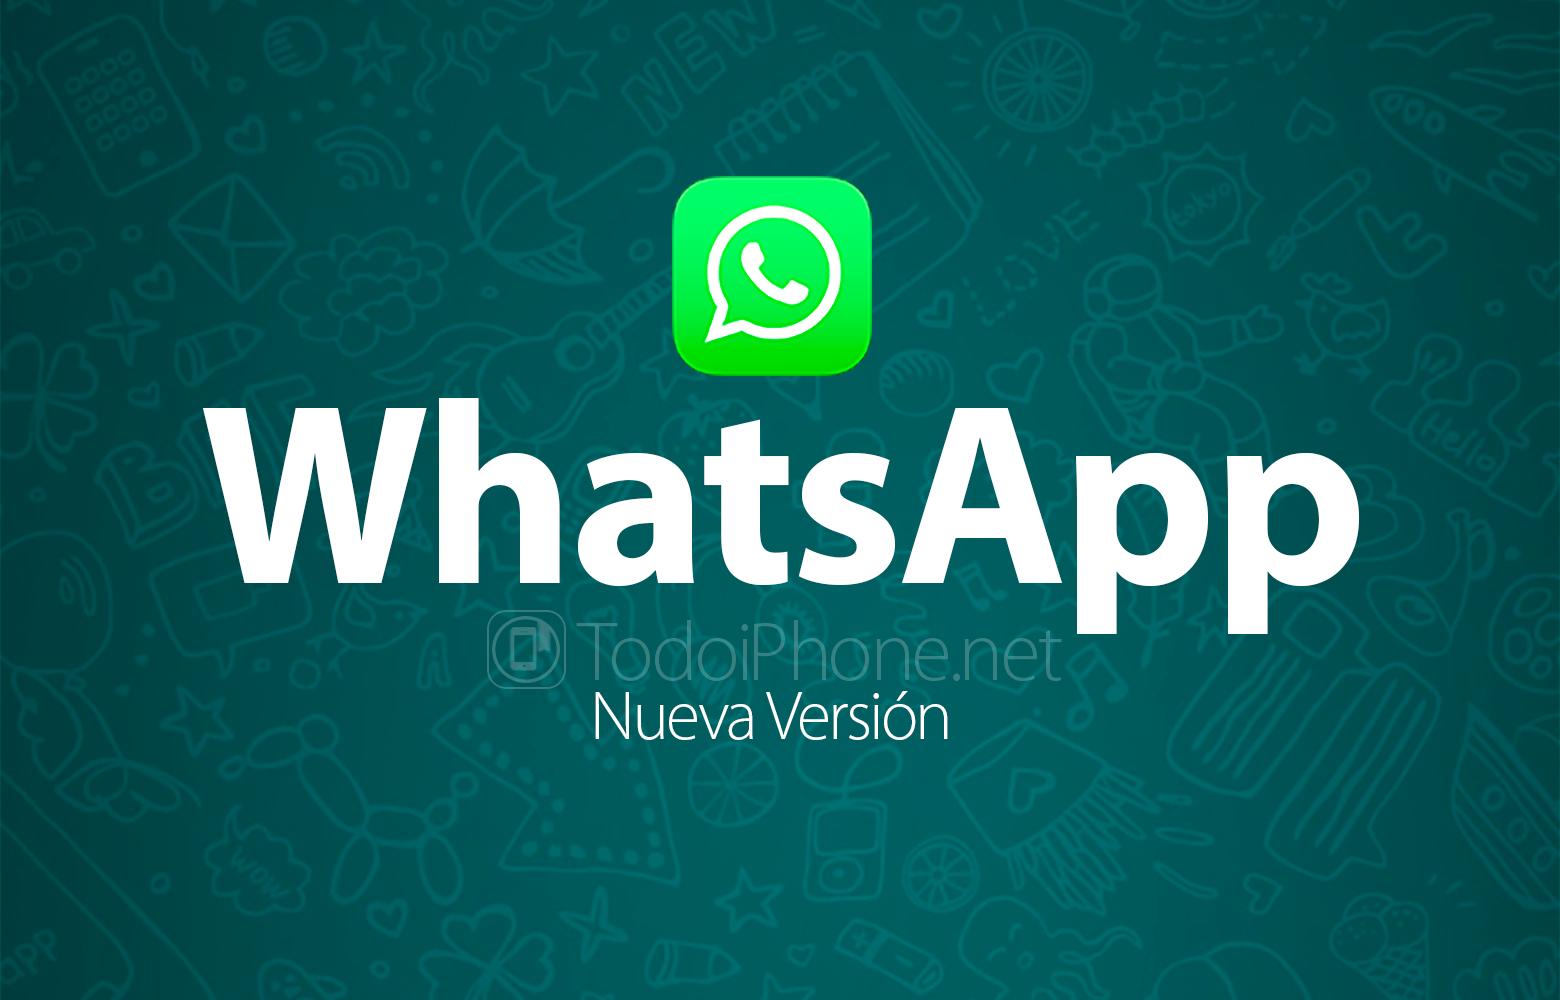 يتم تحديث WhatsApp مع 4 أخبار مثيرة للاهتمام 1